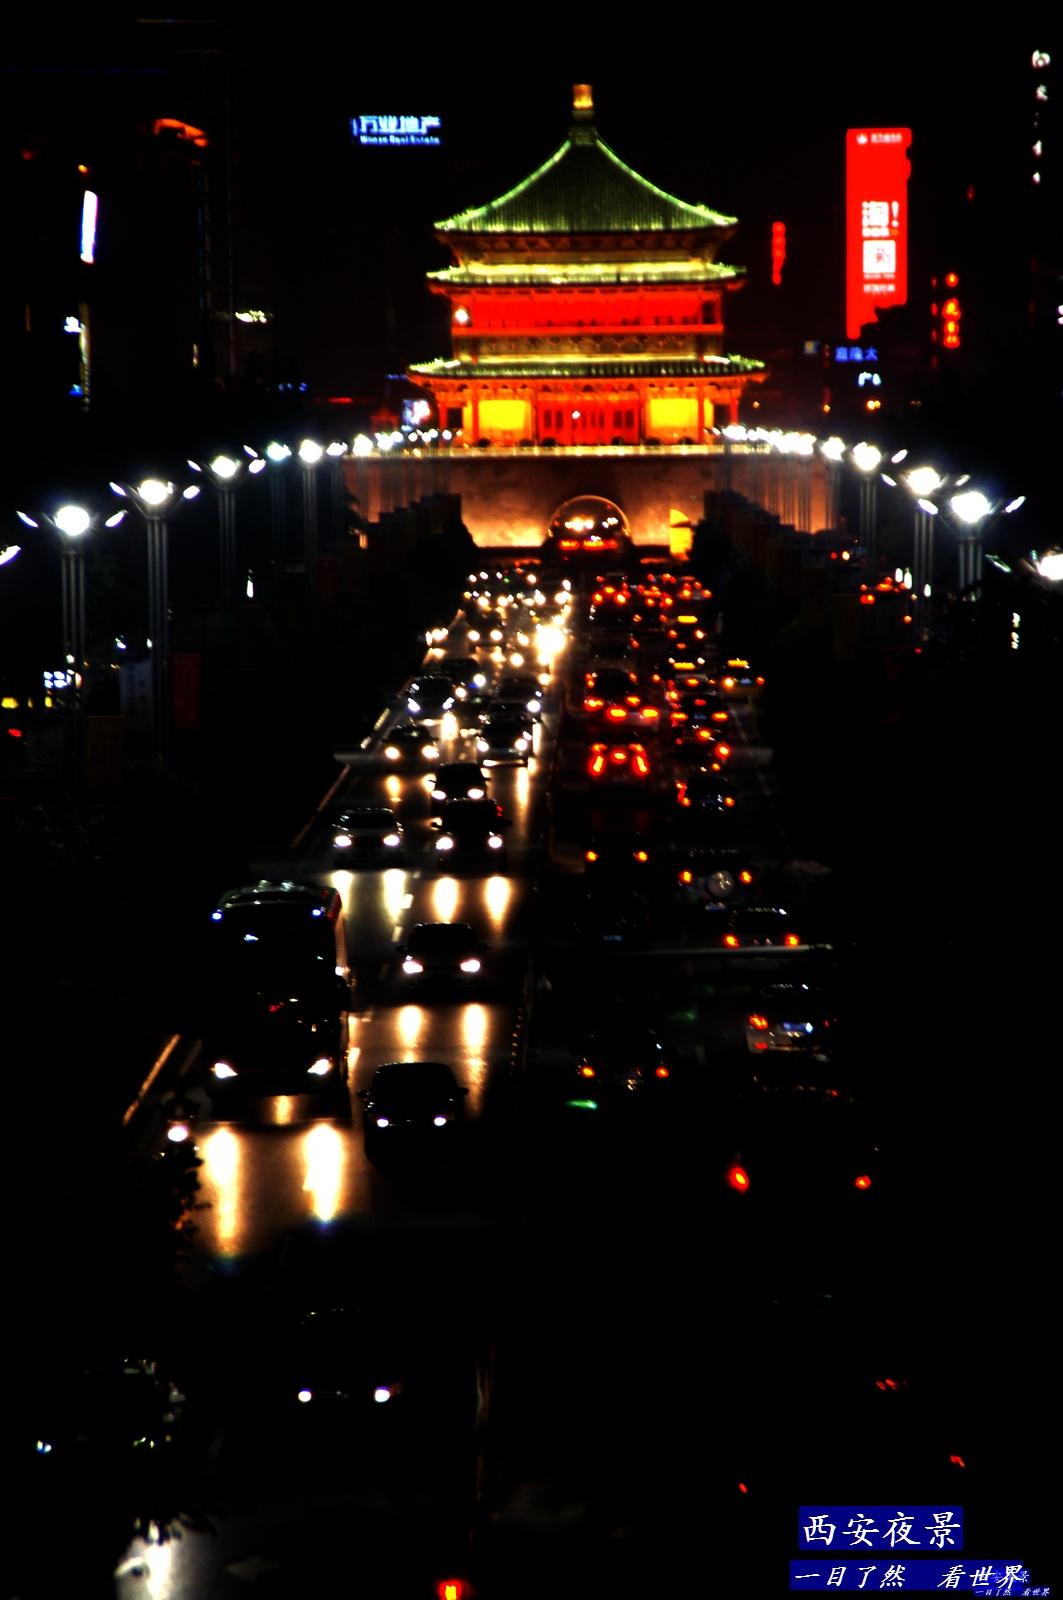 西安夜景-021-1600.jpg